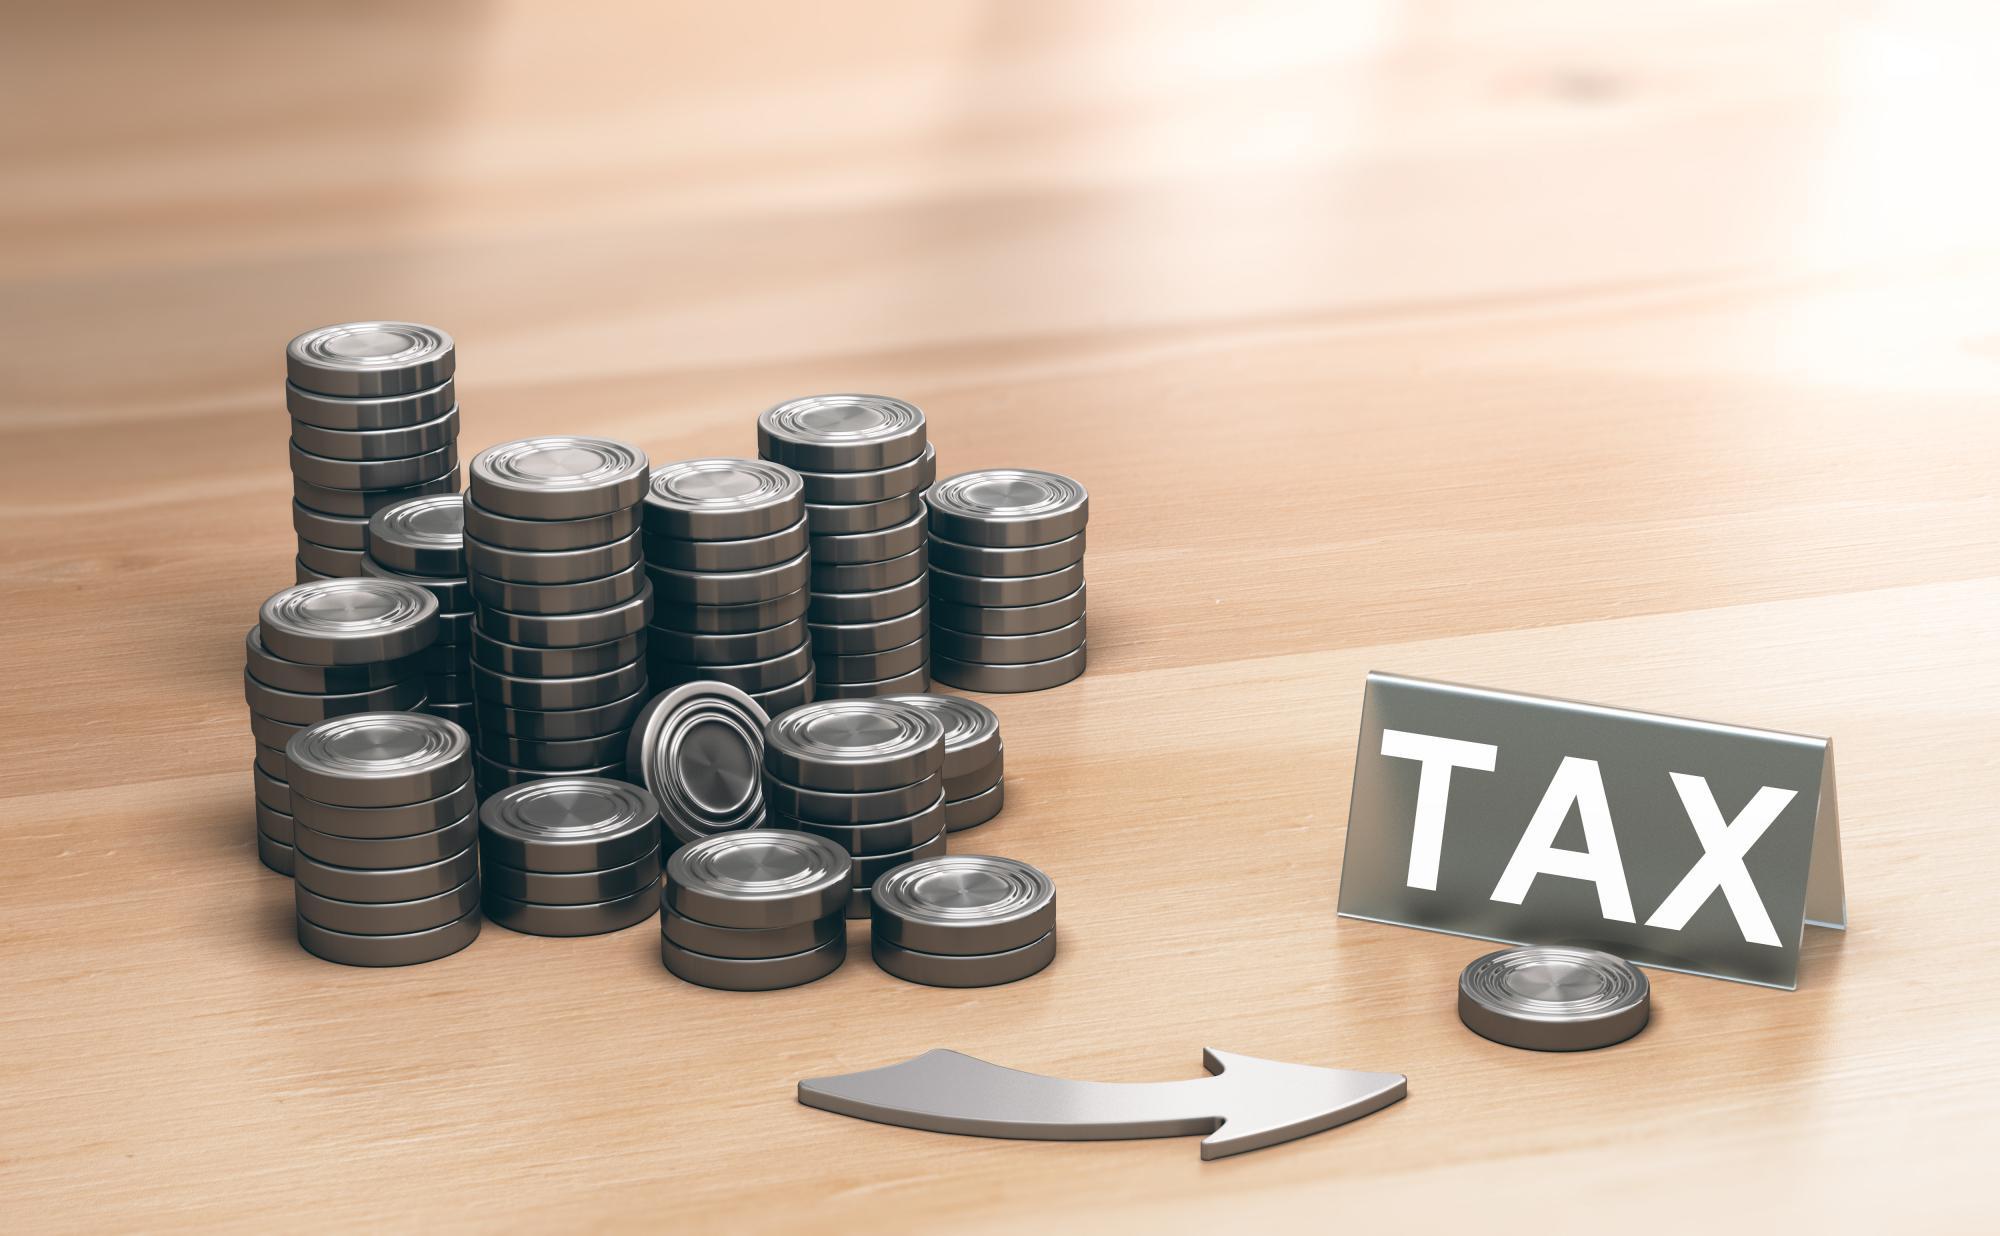 ОЭСР оценивает налоговую прозрачность